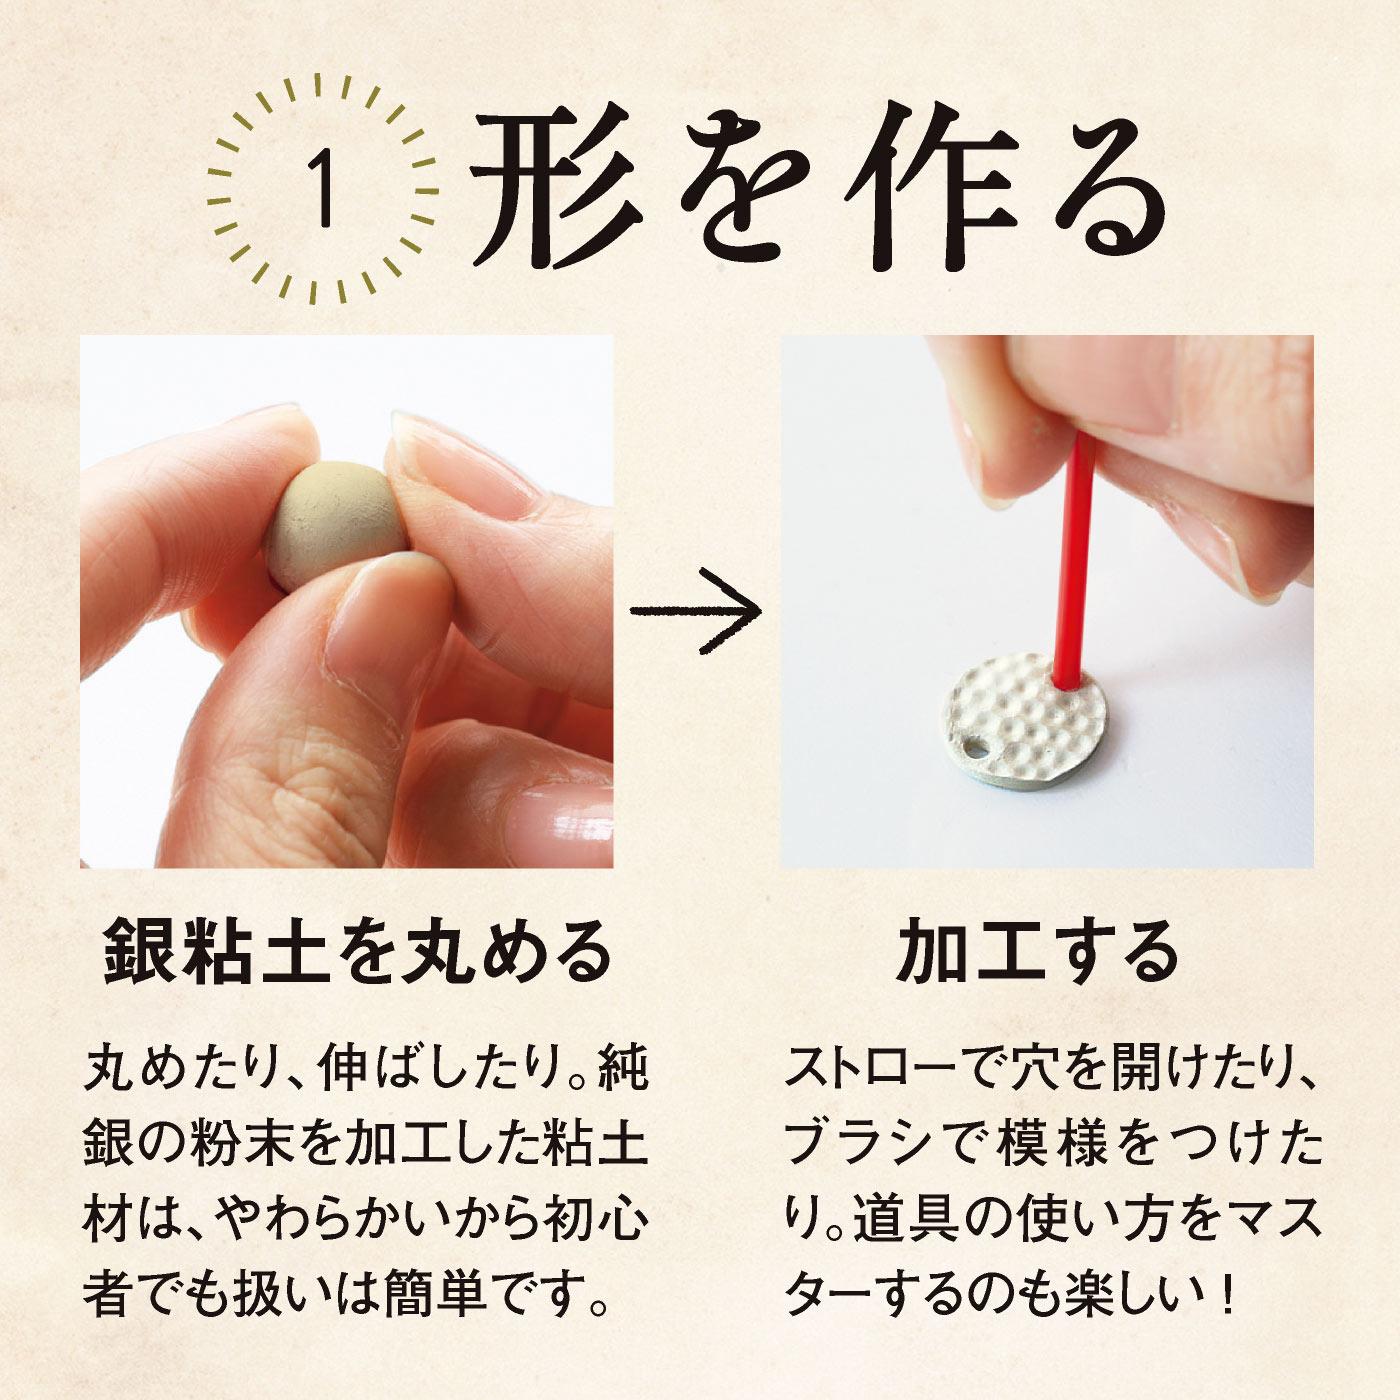 【ステップ1・形を作る】銀粘土を丸めたり伸ばしたりして形を整えたら、ストローで穴を開けたり、ブラシで模様をつけたり、専用道具を使って加工します。